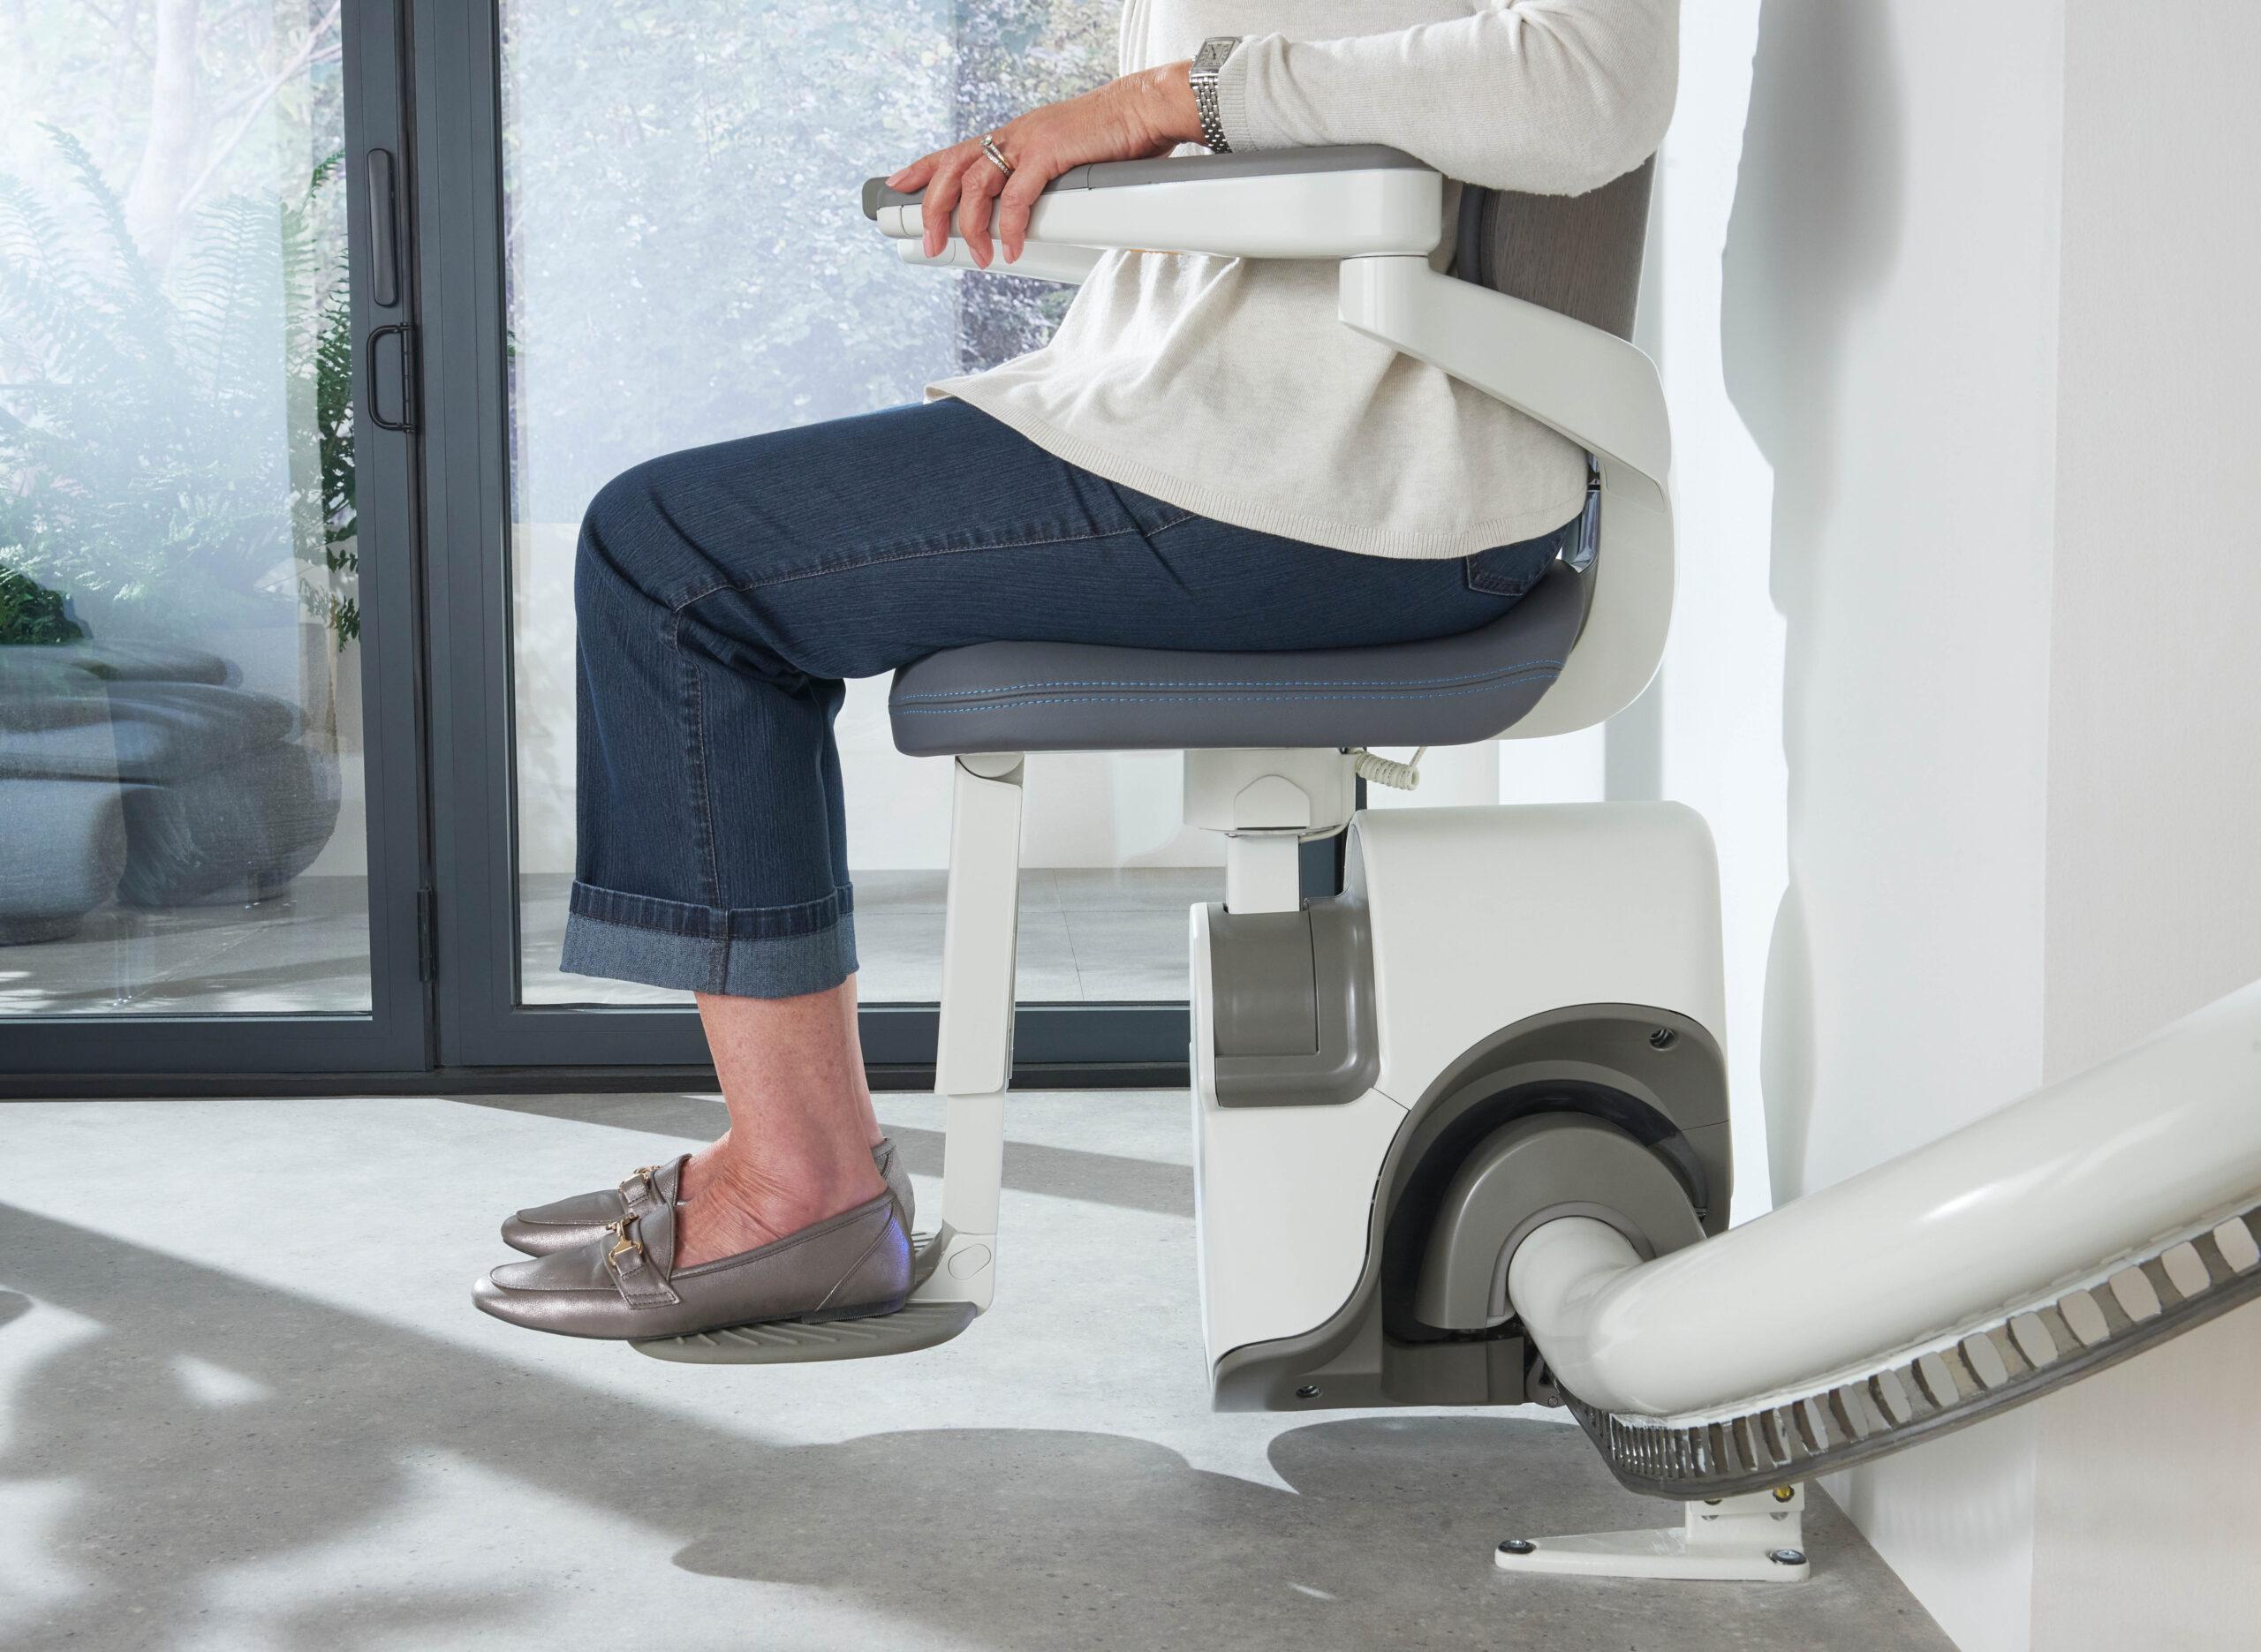 Krzesełko schodowe krzywoliniowe winda cena